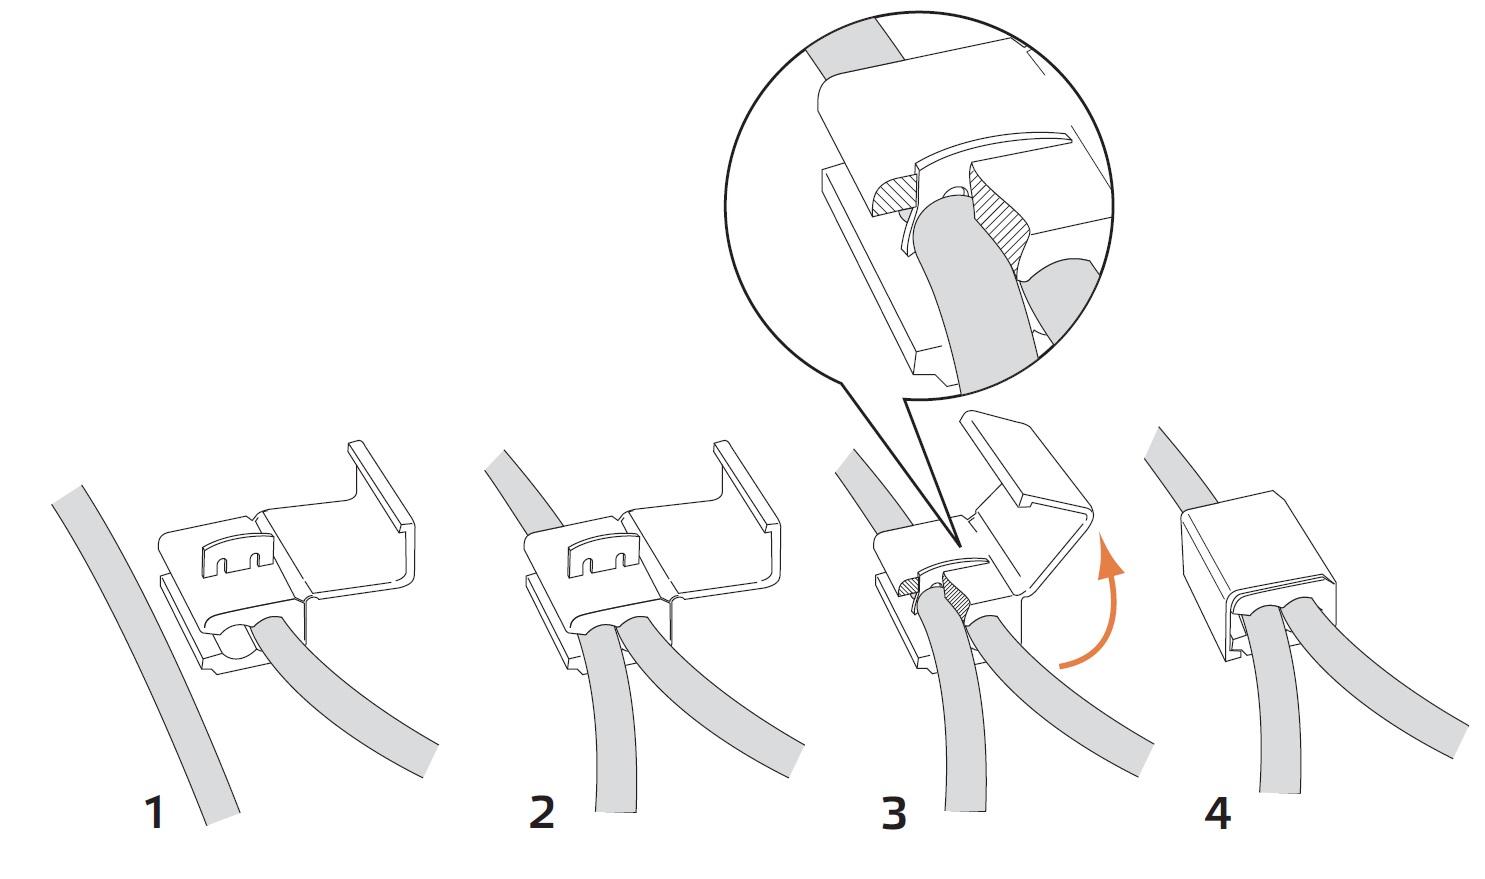 Зажимы для проводов — разновидности зажимов порядок выполнения зажимного соединения